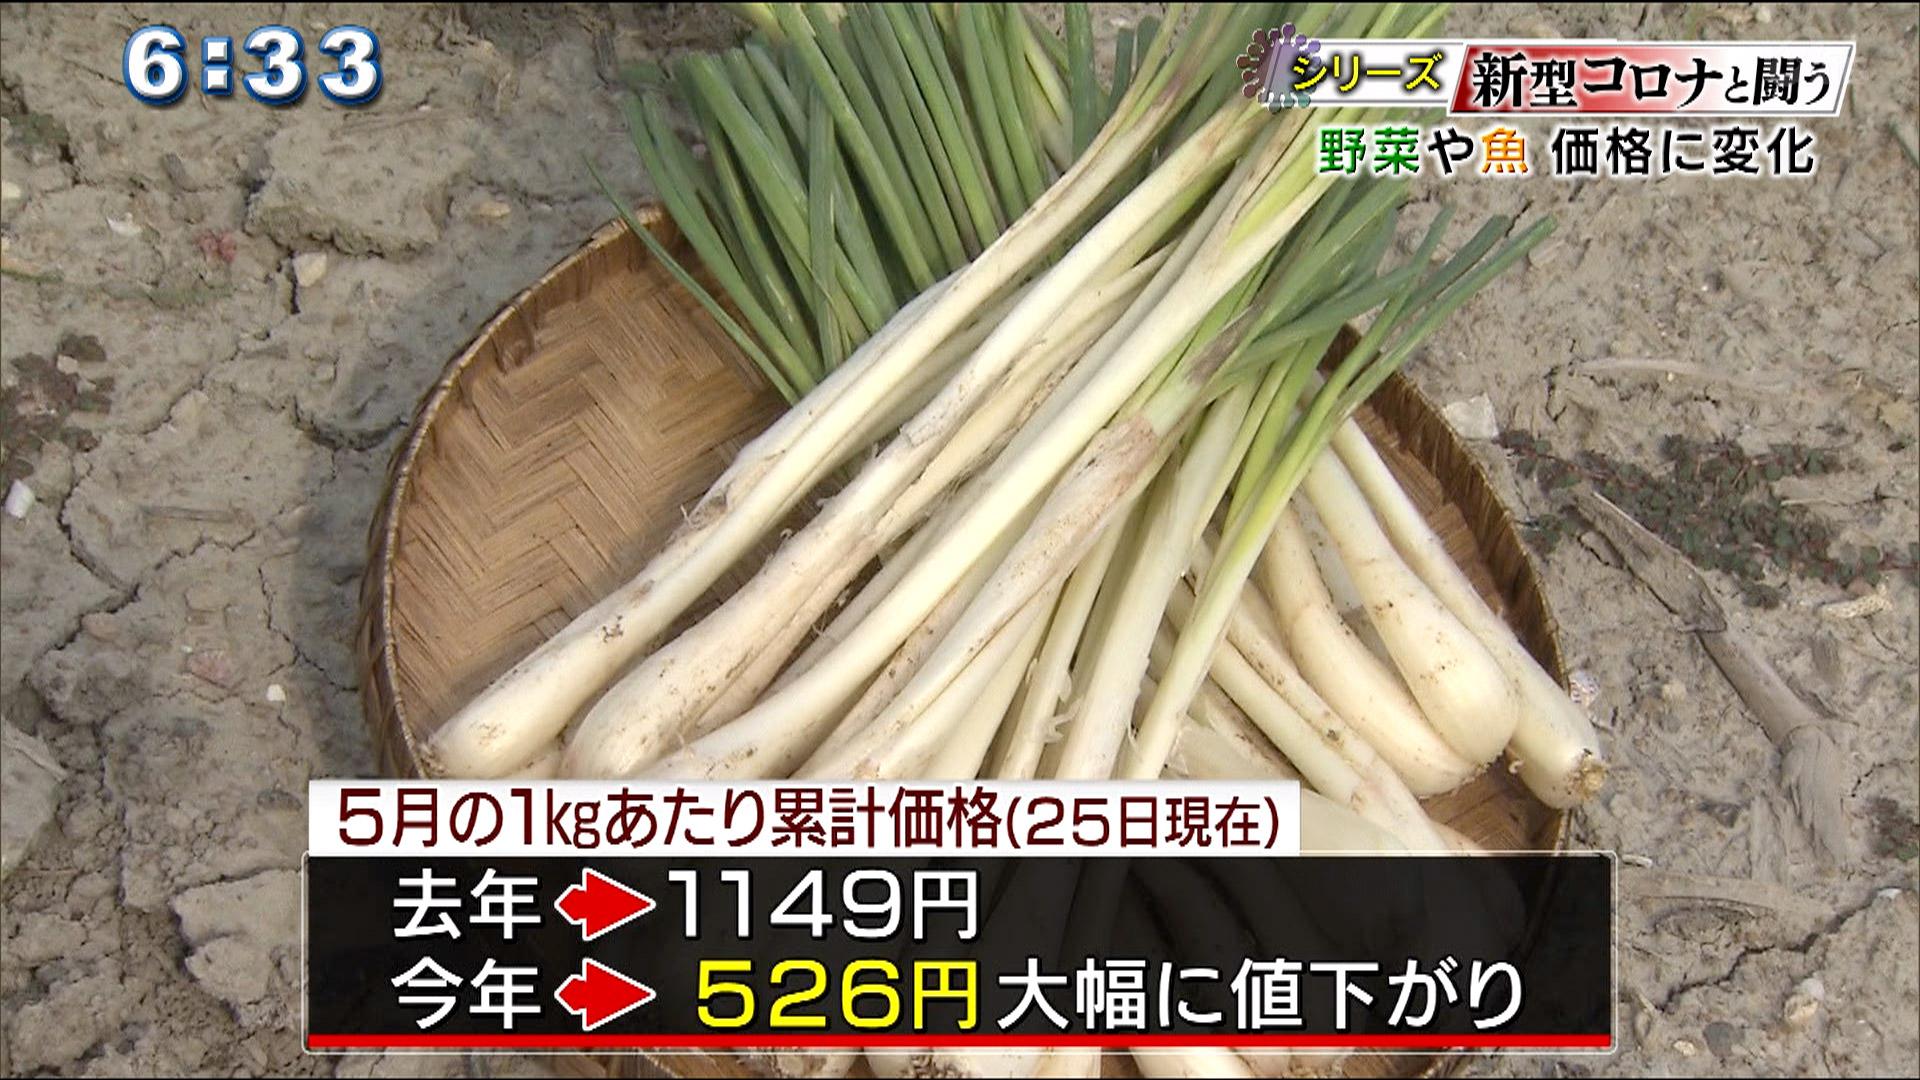 シリーズ「新型コロナと戦う」 野菜や魚 価格に変化